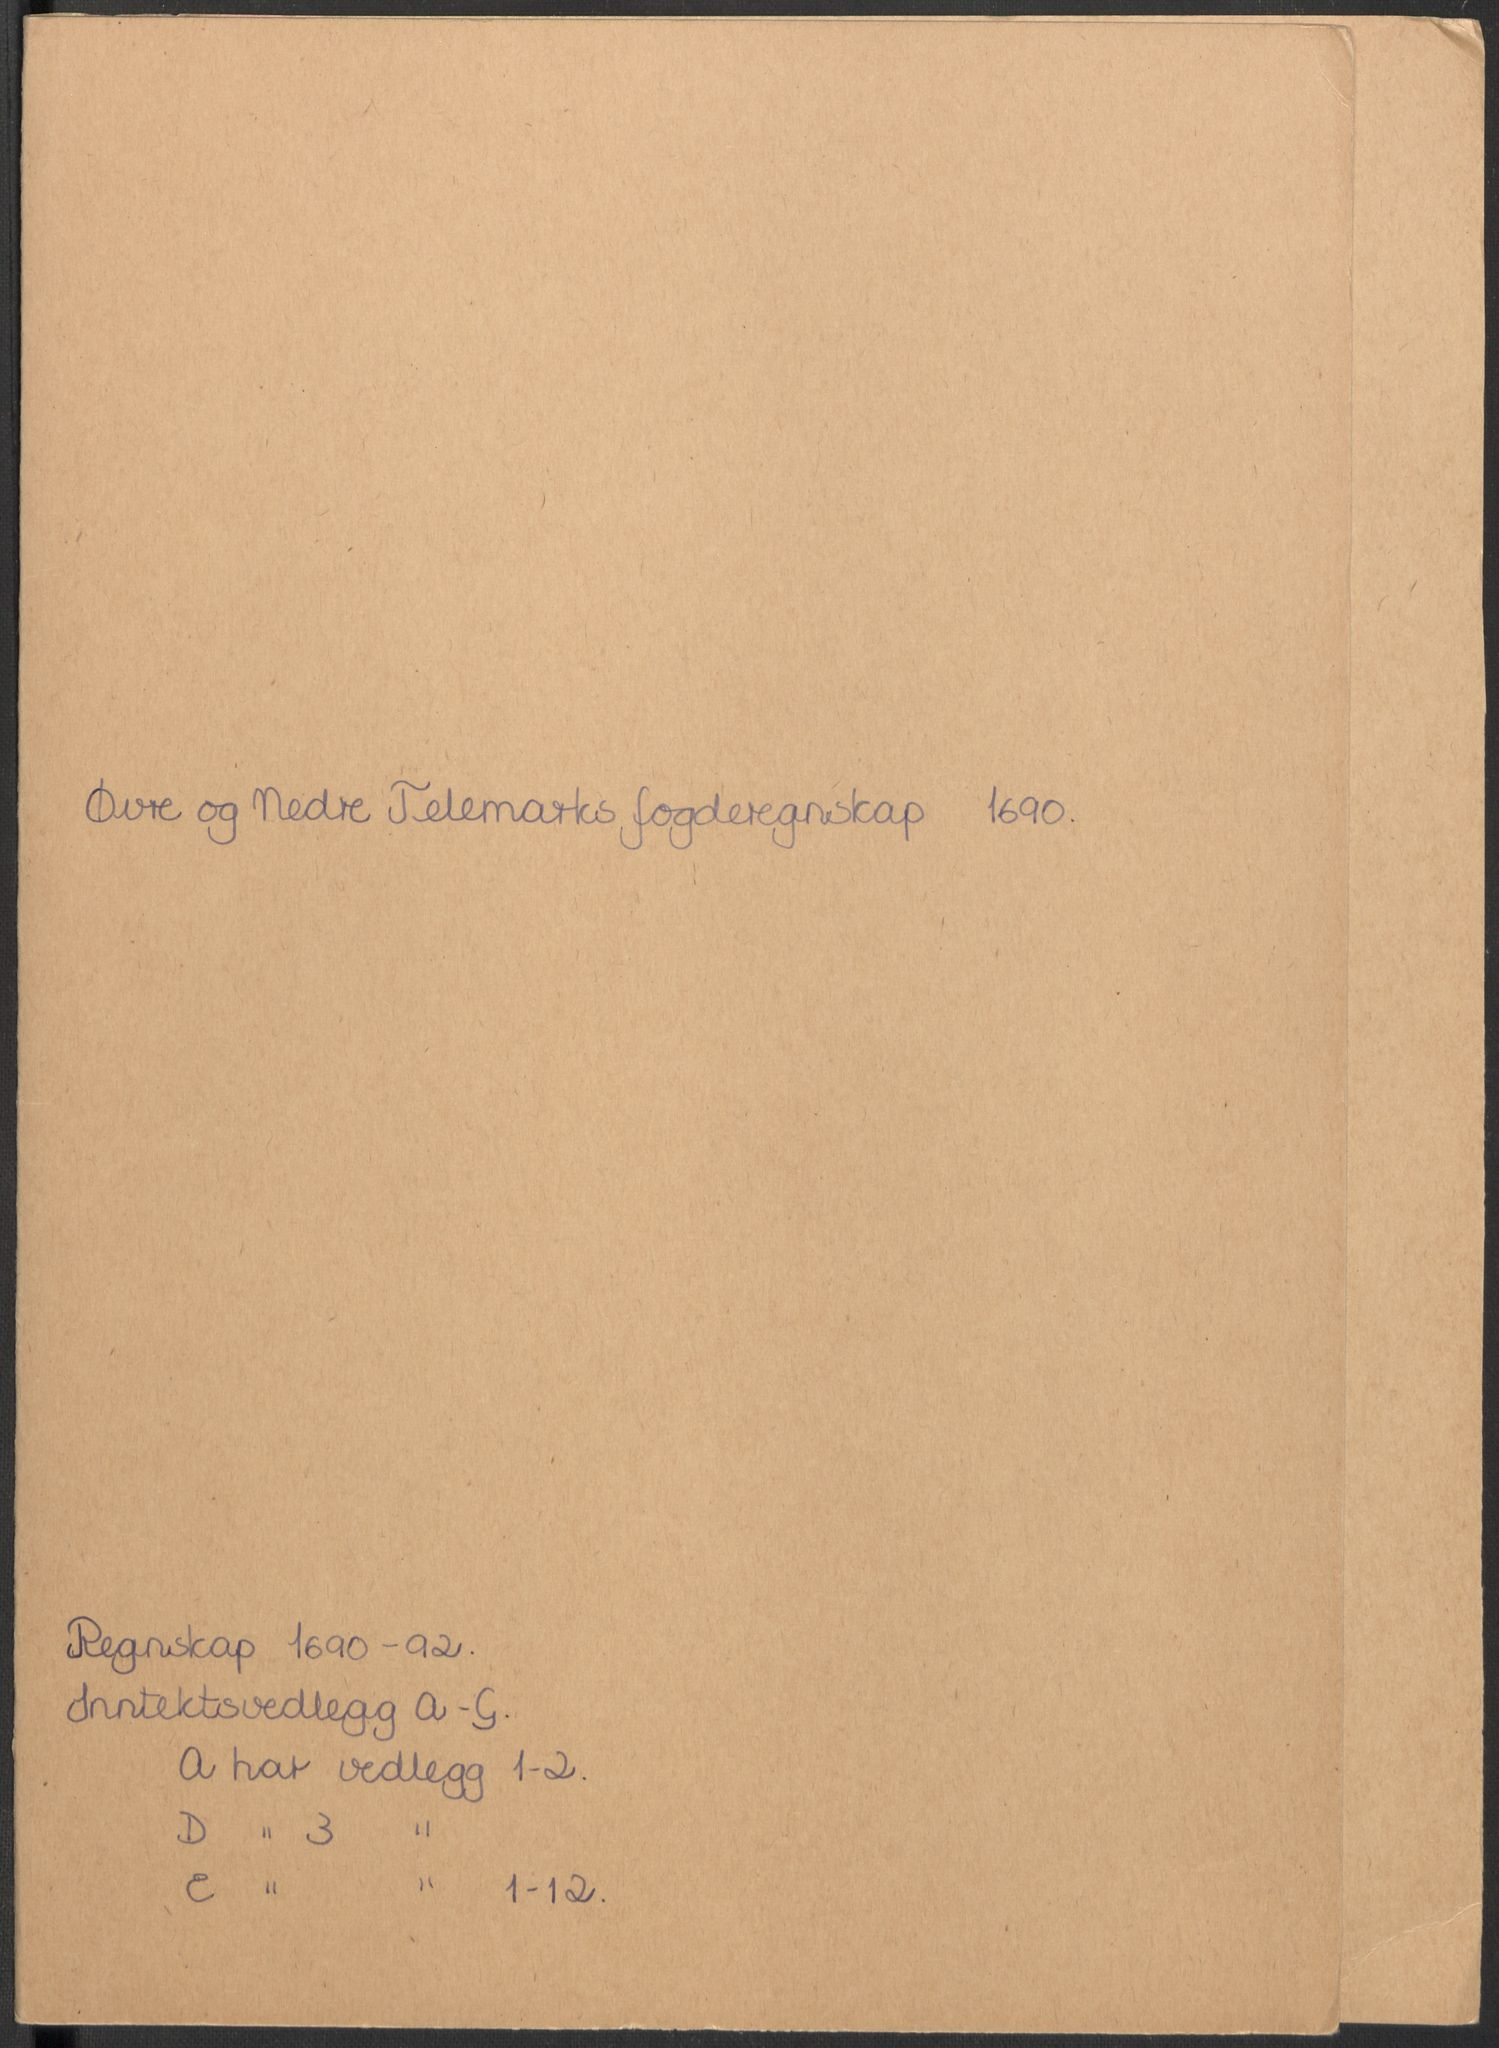 RA, Rentekammeret inntil 1814, Reviderte regnskaper, Fogderegnskap, R35/L2089: Fogderegnskap Øvre og Nedre Telemark, 1690-1692, s. 2